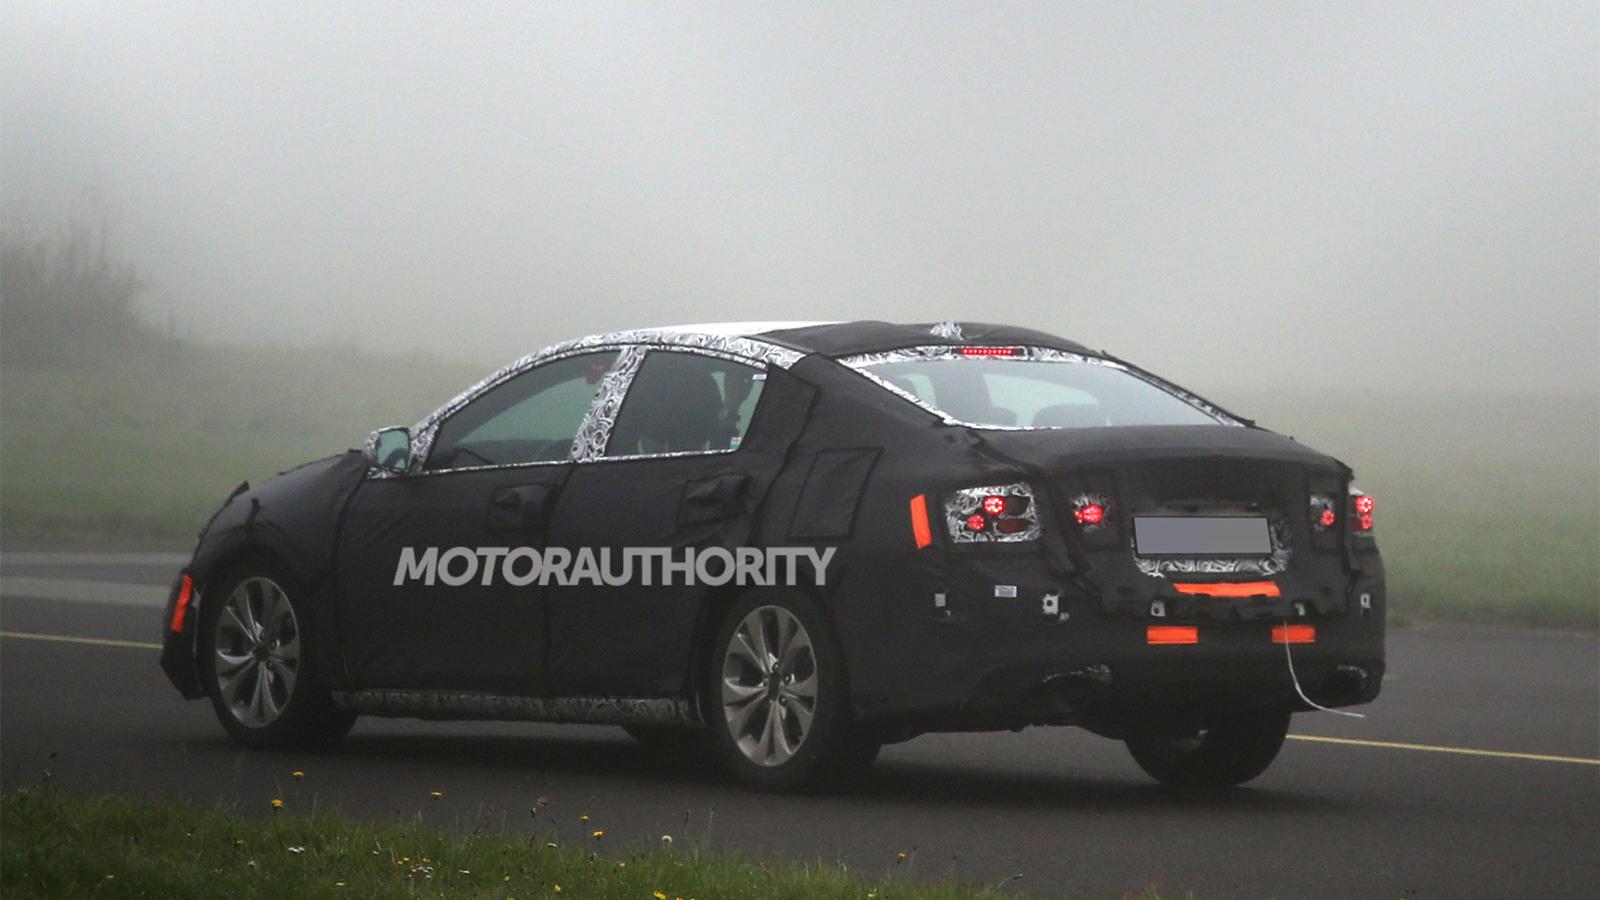 2016 Chevrolet Malibu spy shots